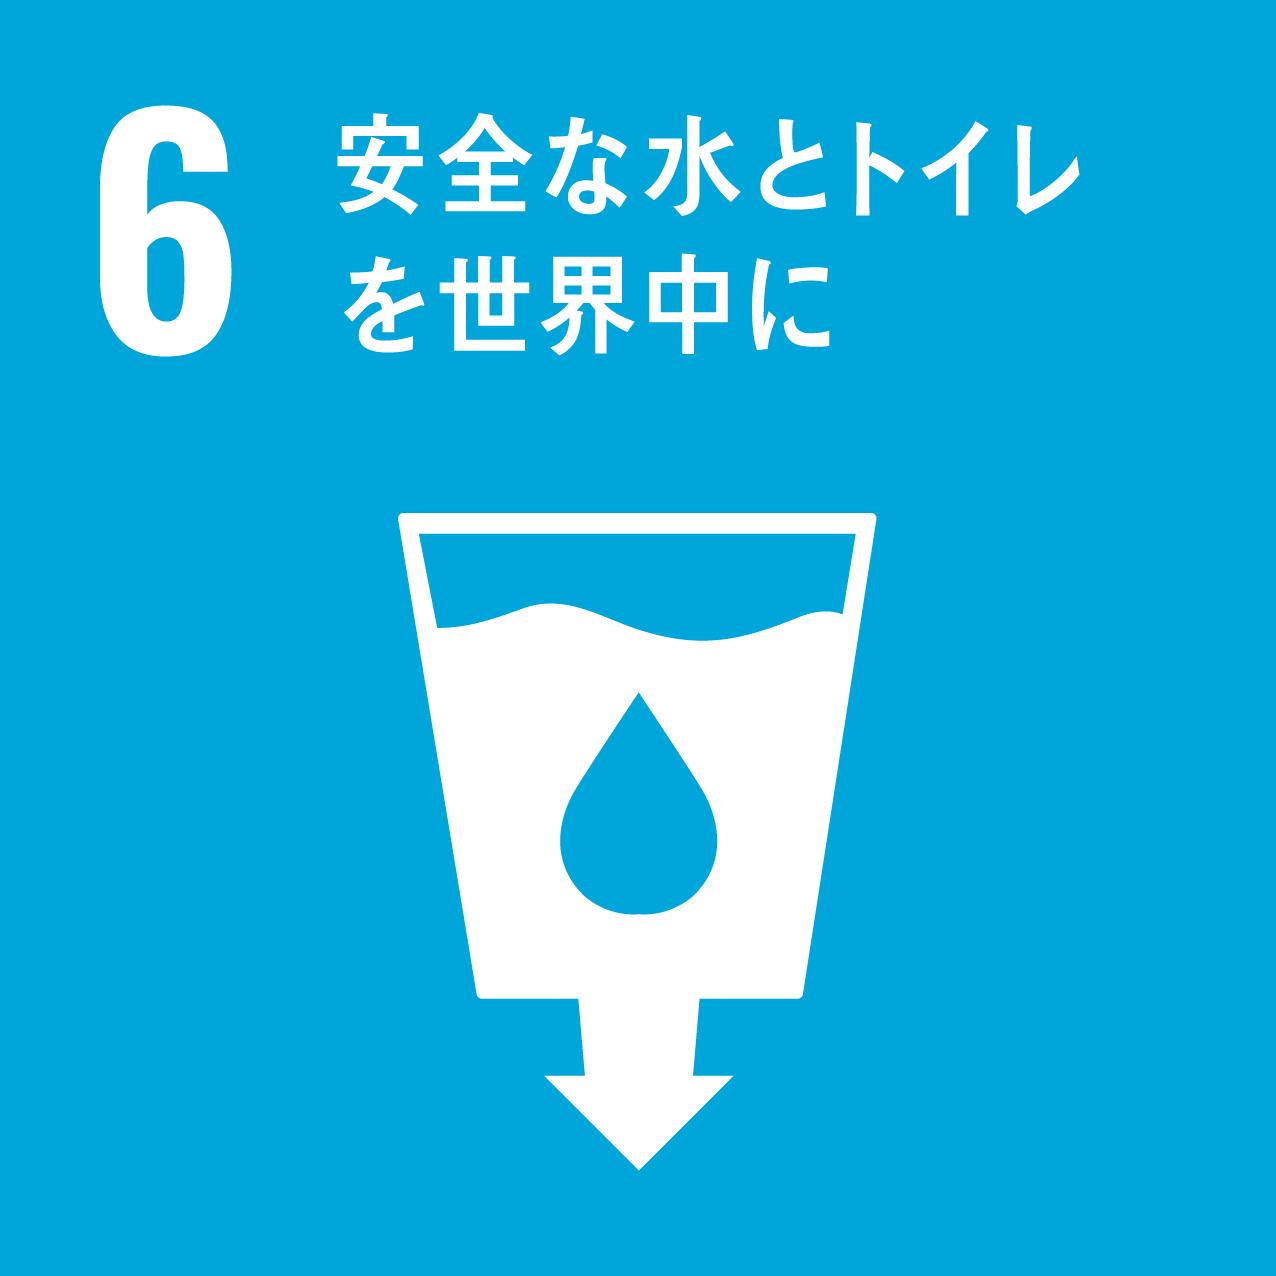 6: 安全な水とトイレを世界中に